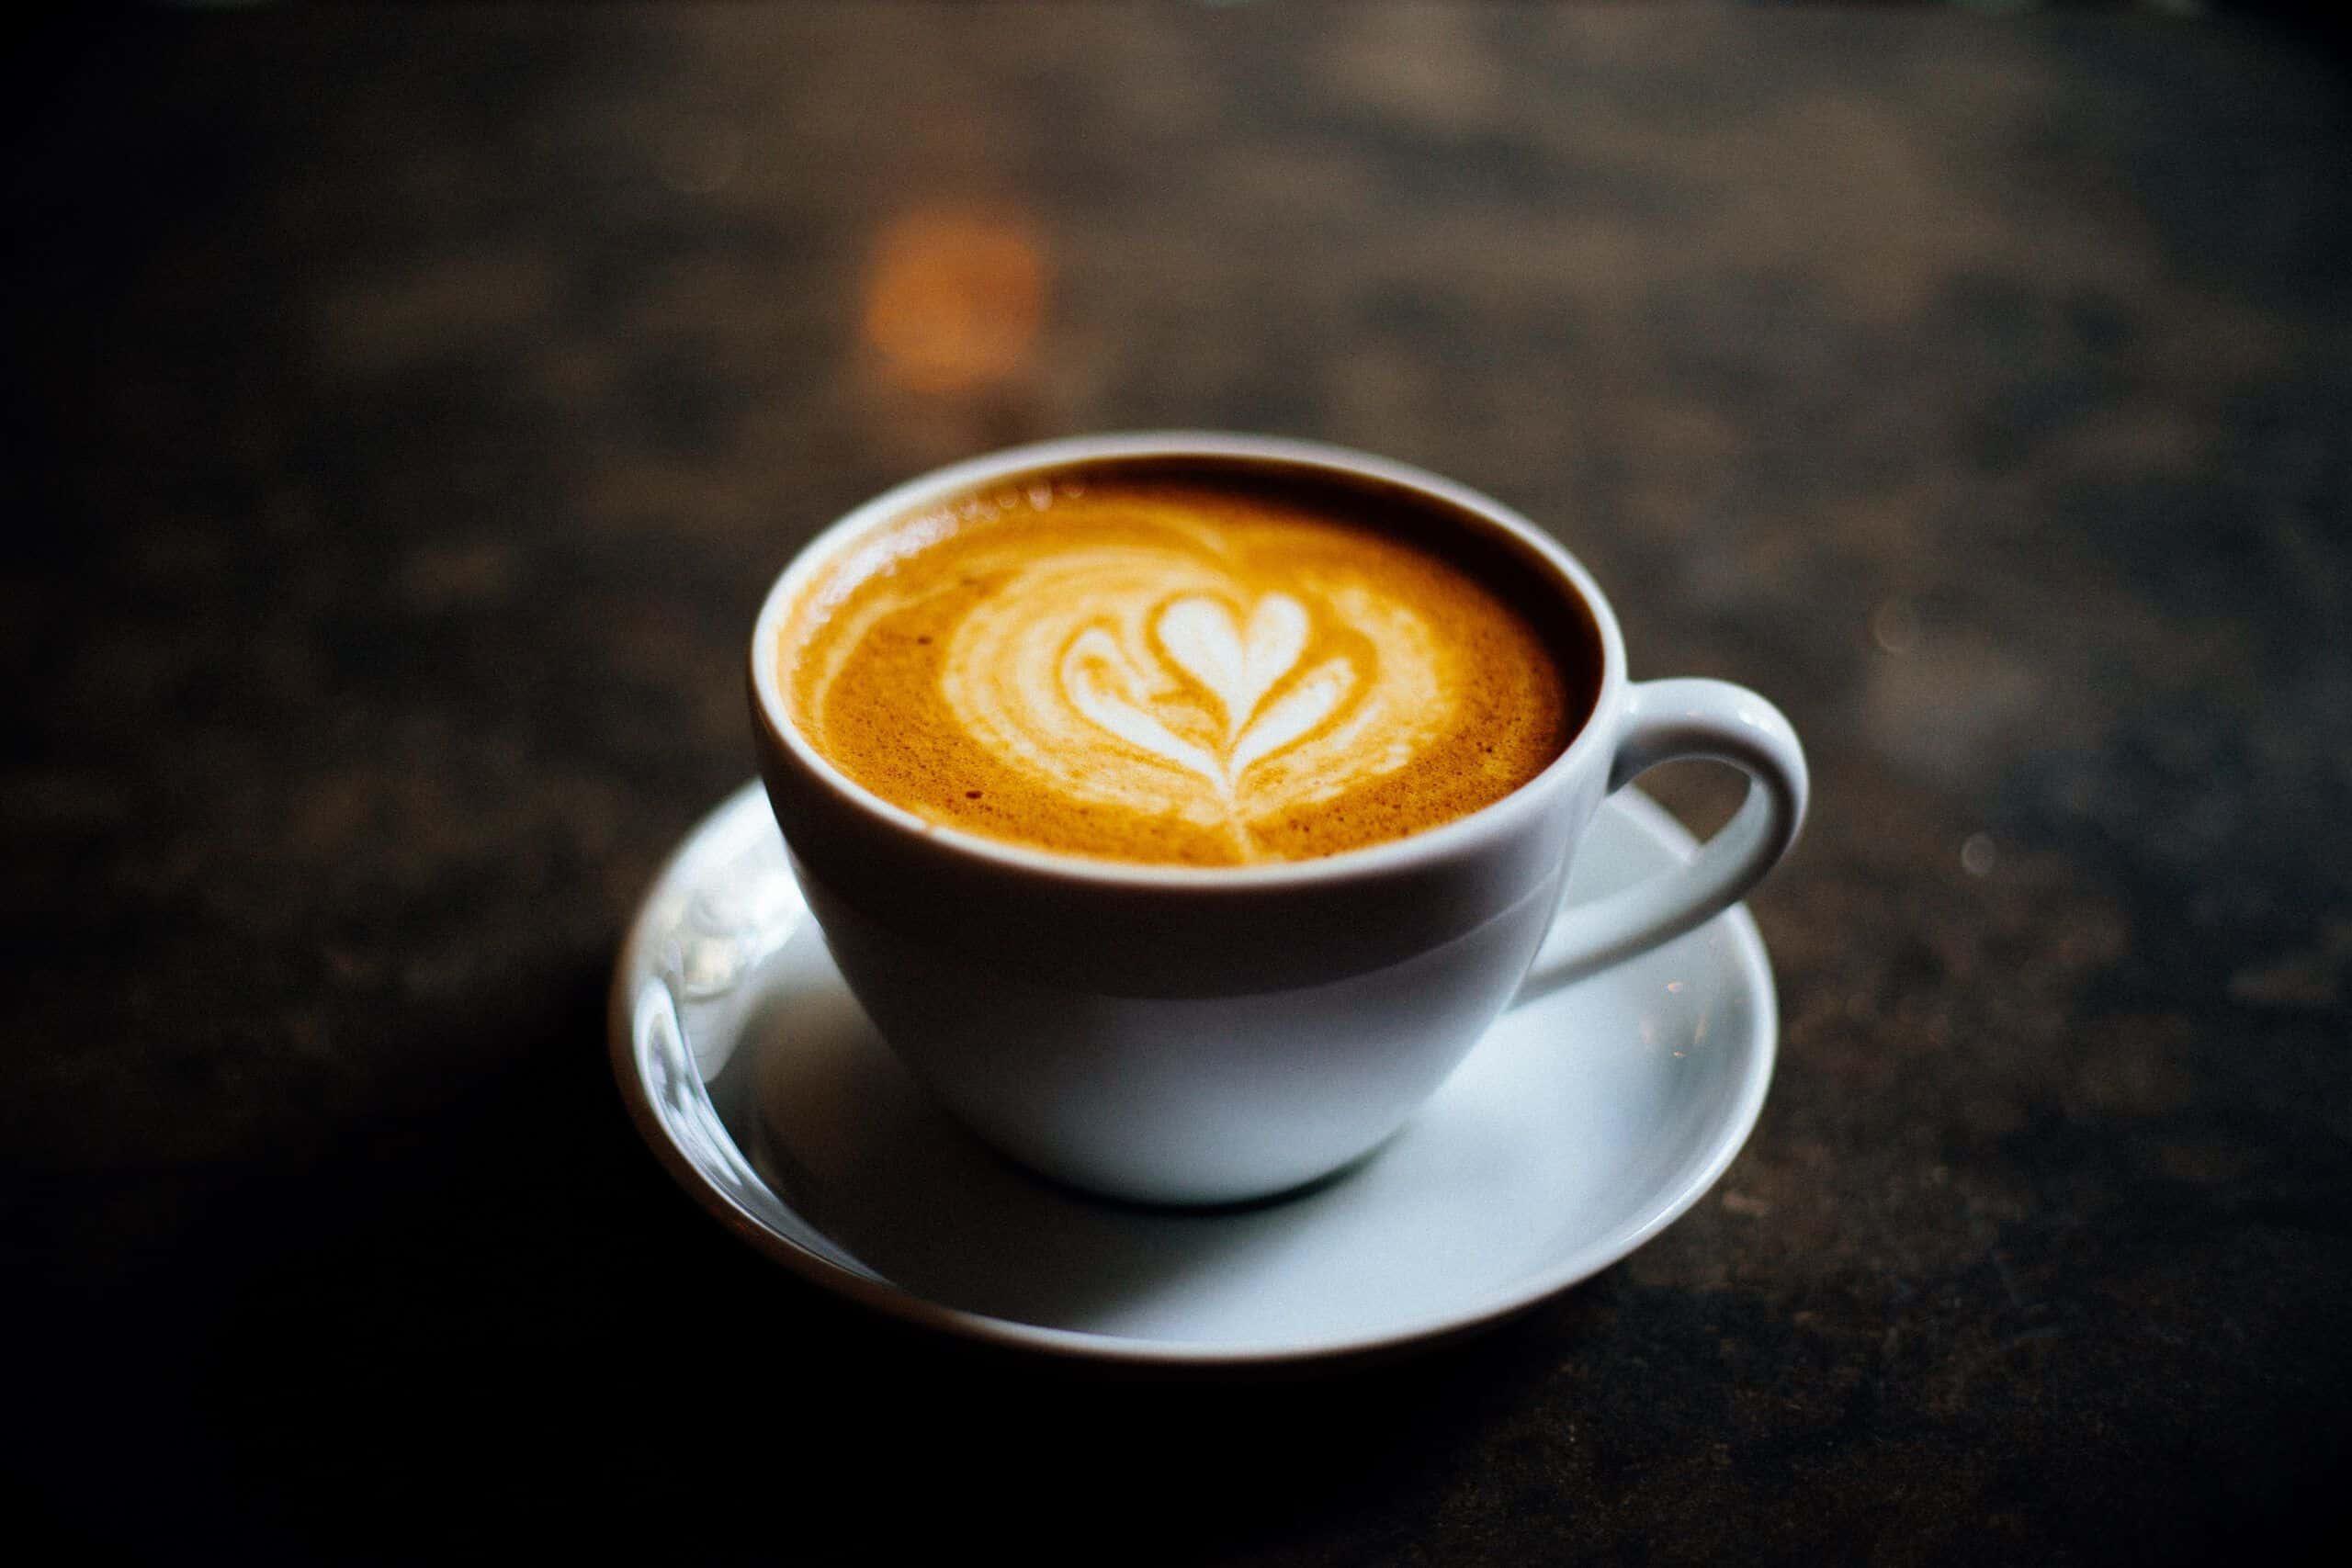 Guilty Pleasure: Immer einen kleinen Rest Kaffee oder Tee übrig lassen